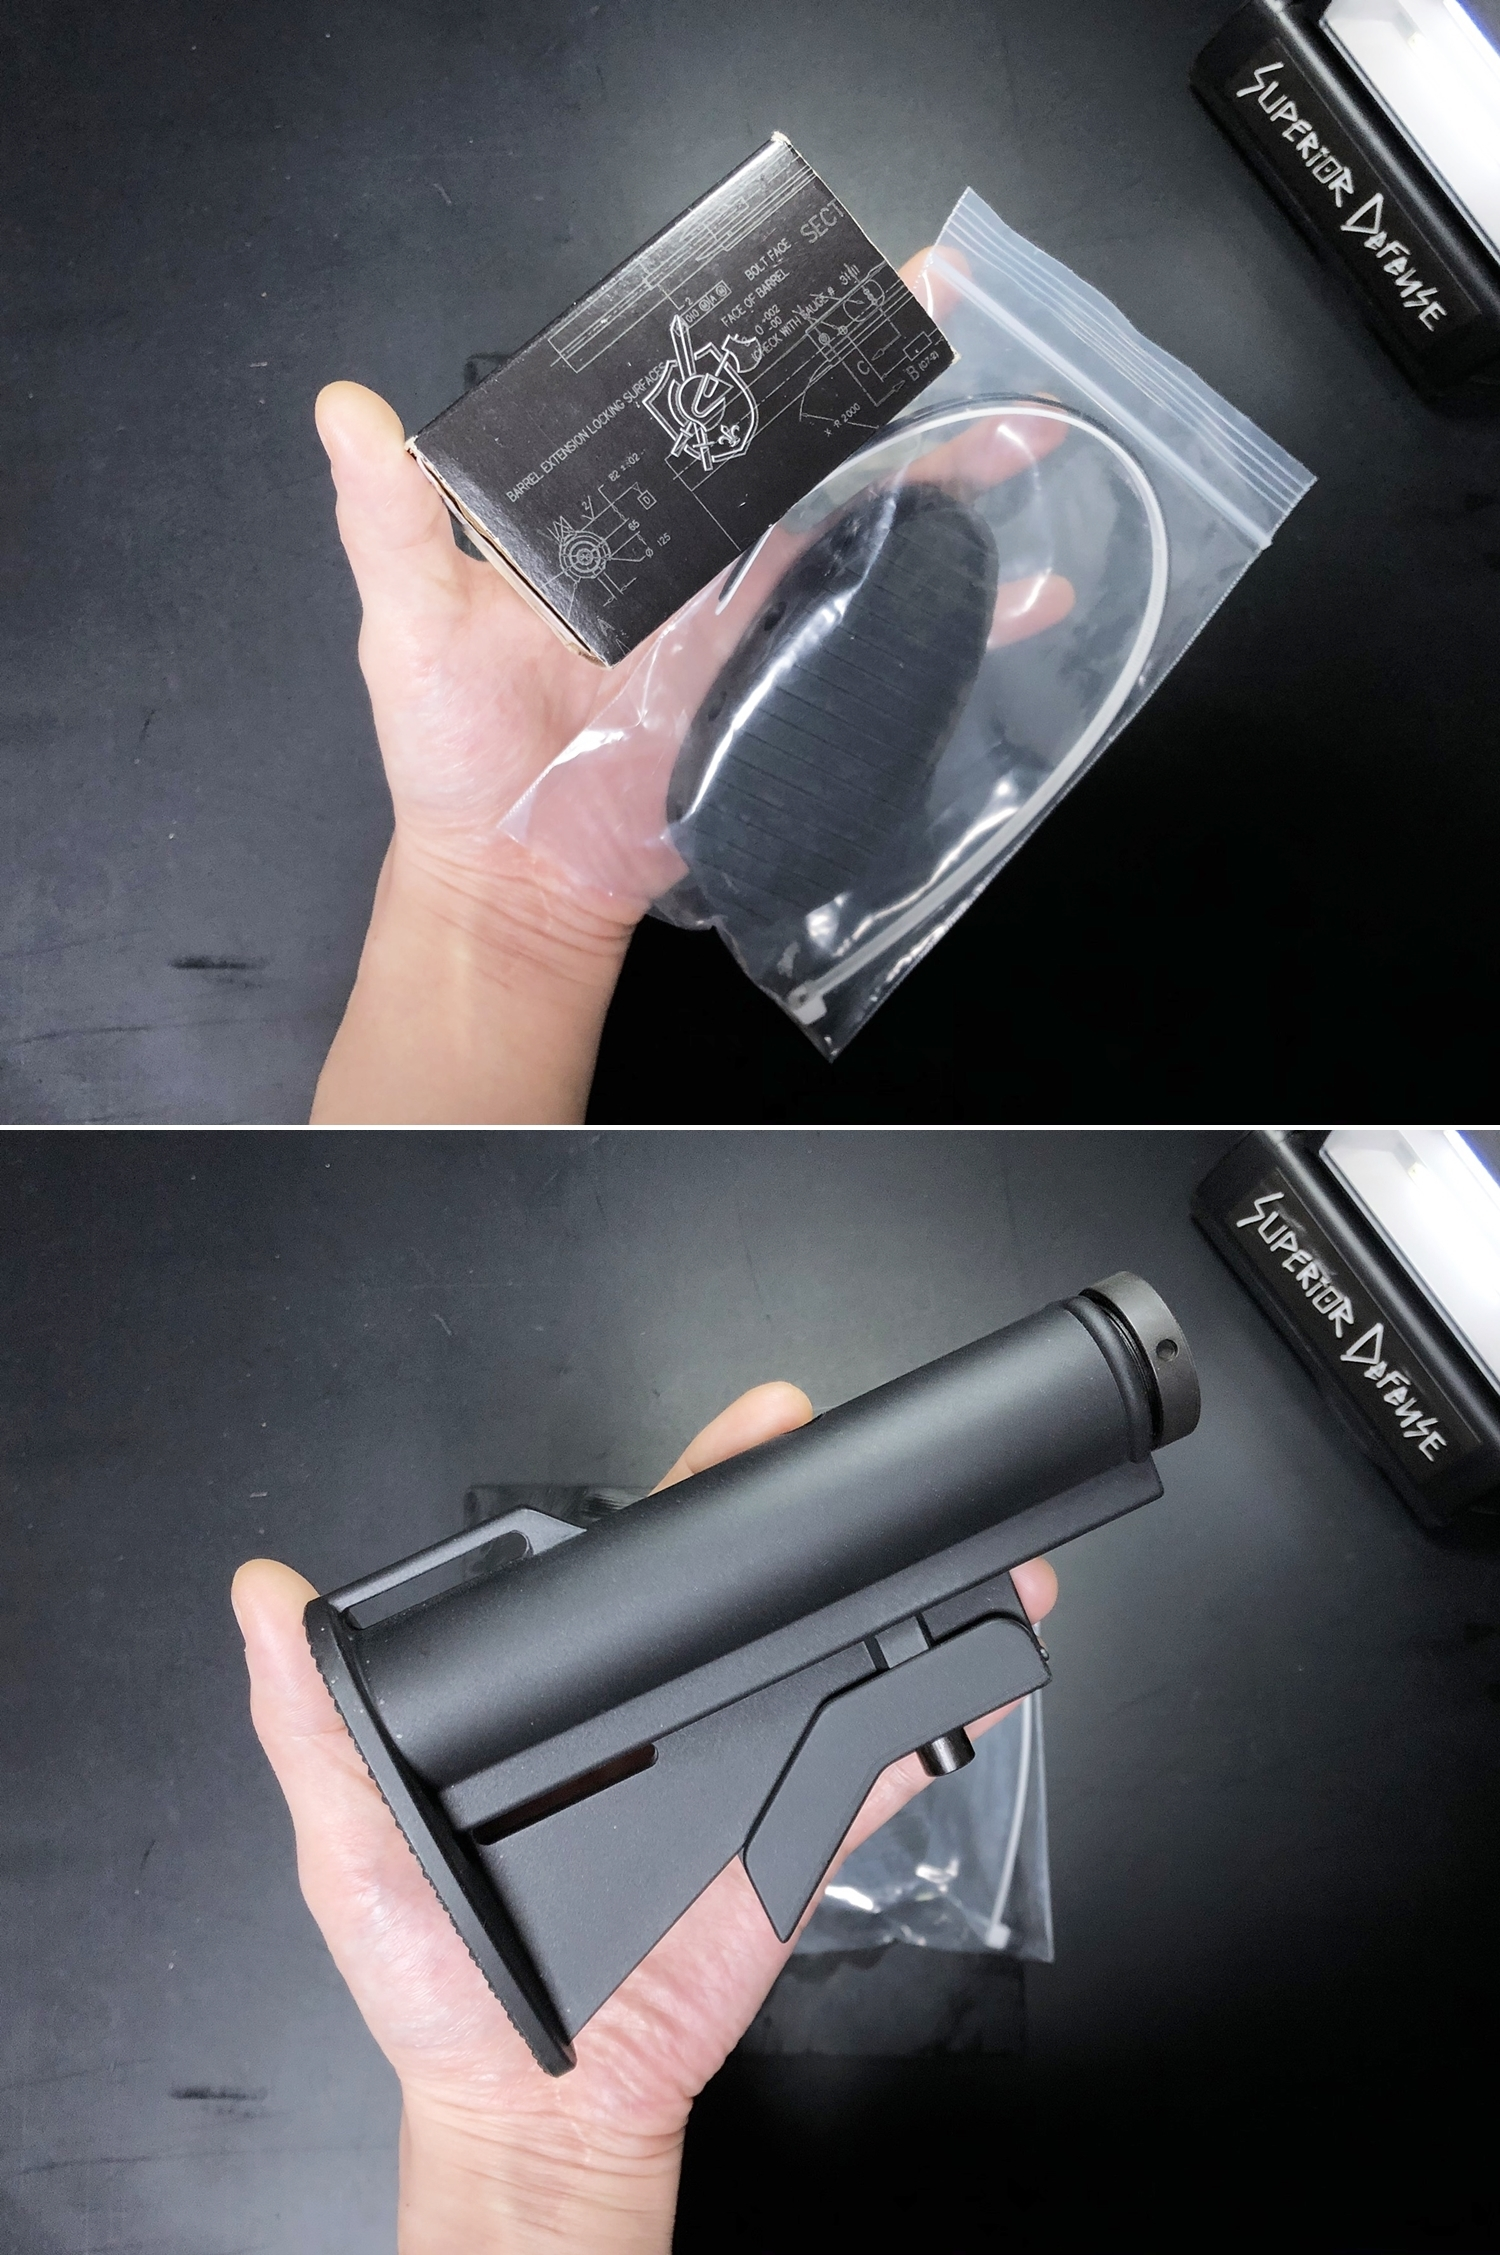 2 実物 Knight's Armament M4 Carbine Buttstock QD 0-1 Sling Mount Kit & JOHN MASEN DELTA PAD & REMAKE M733 COMMANDOS STOCK!! DIY NOVESKE PIG!! KAC ナイツ QD デルタパッド!! 購入 取付 カスタム レビュー!!